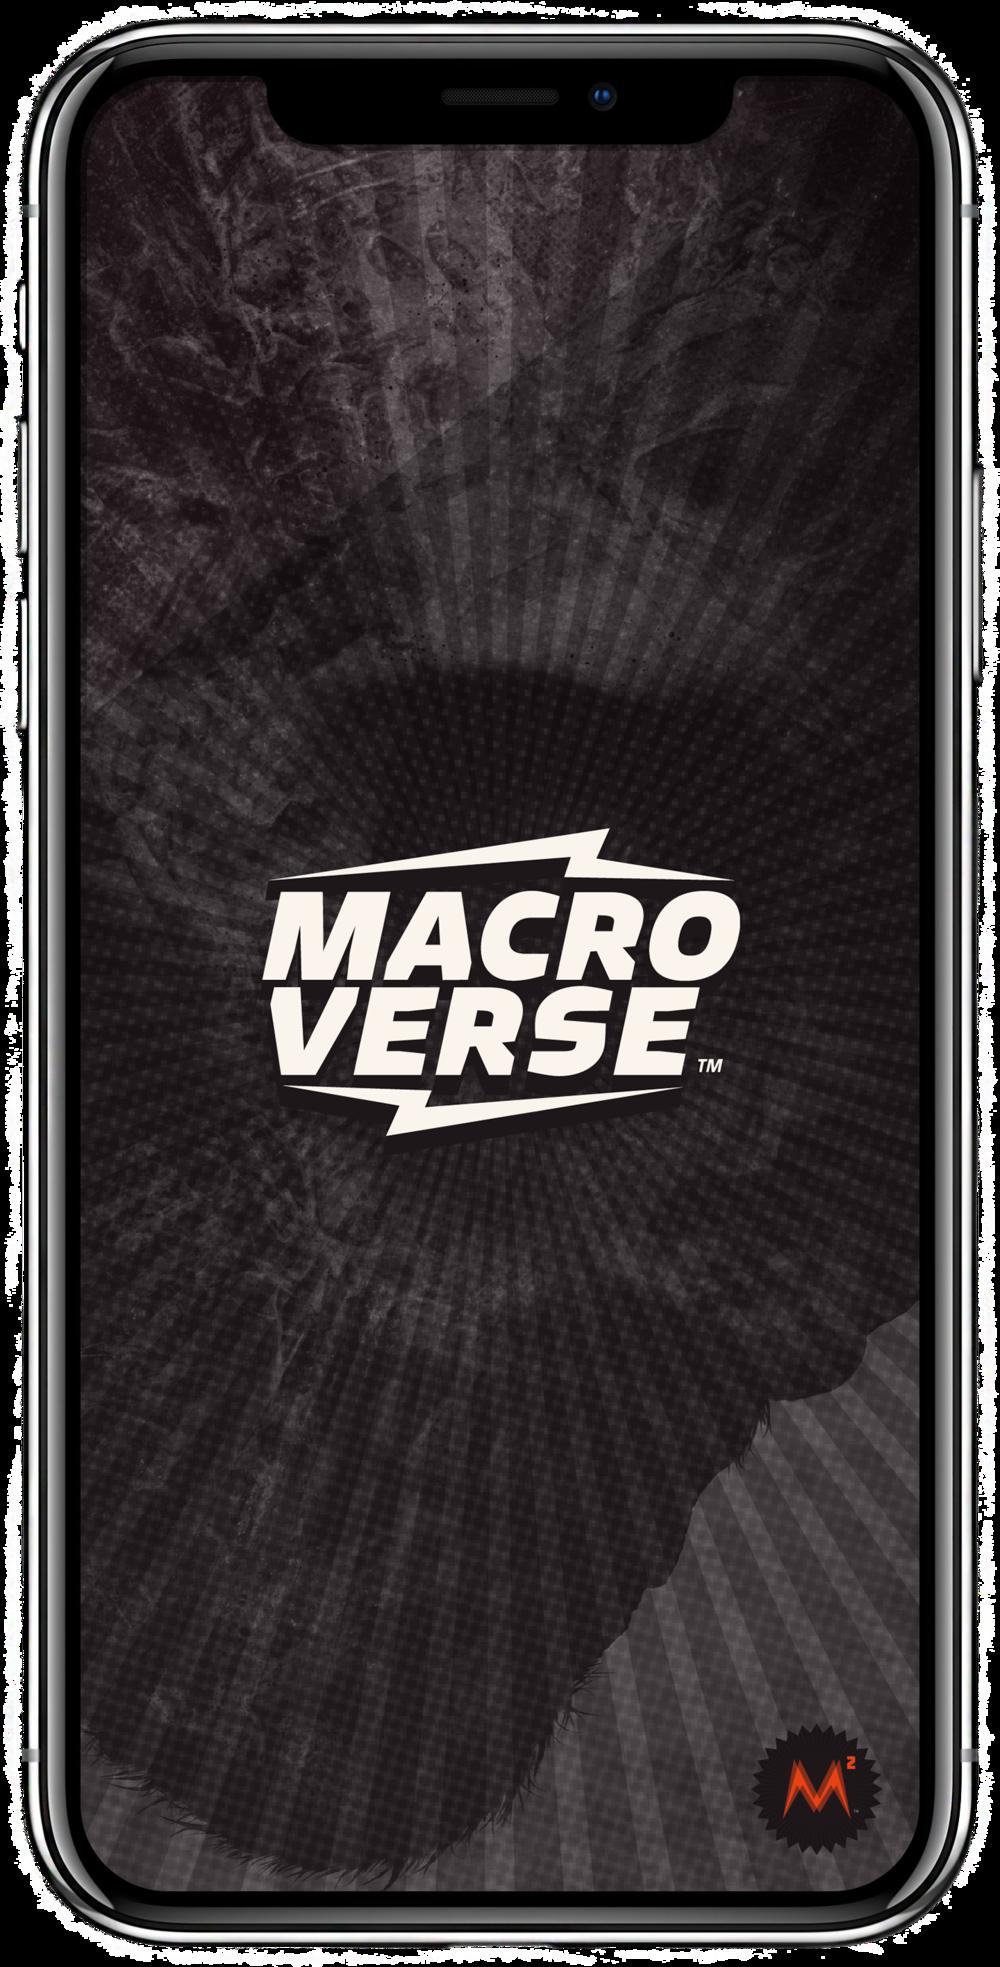 M2_Macroverse_LogoScreen_DT3b_iPhoneX.png